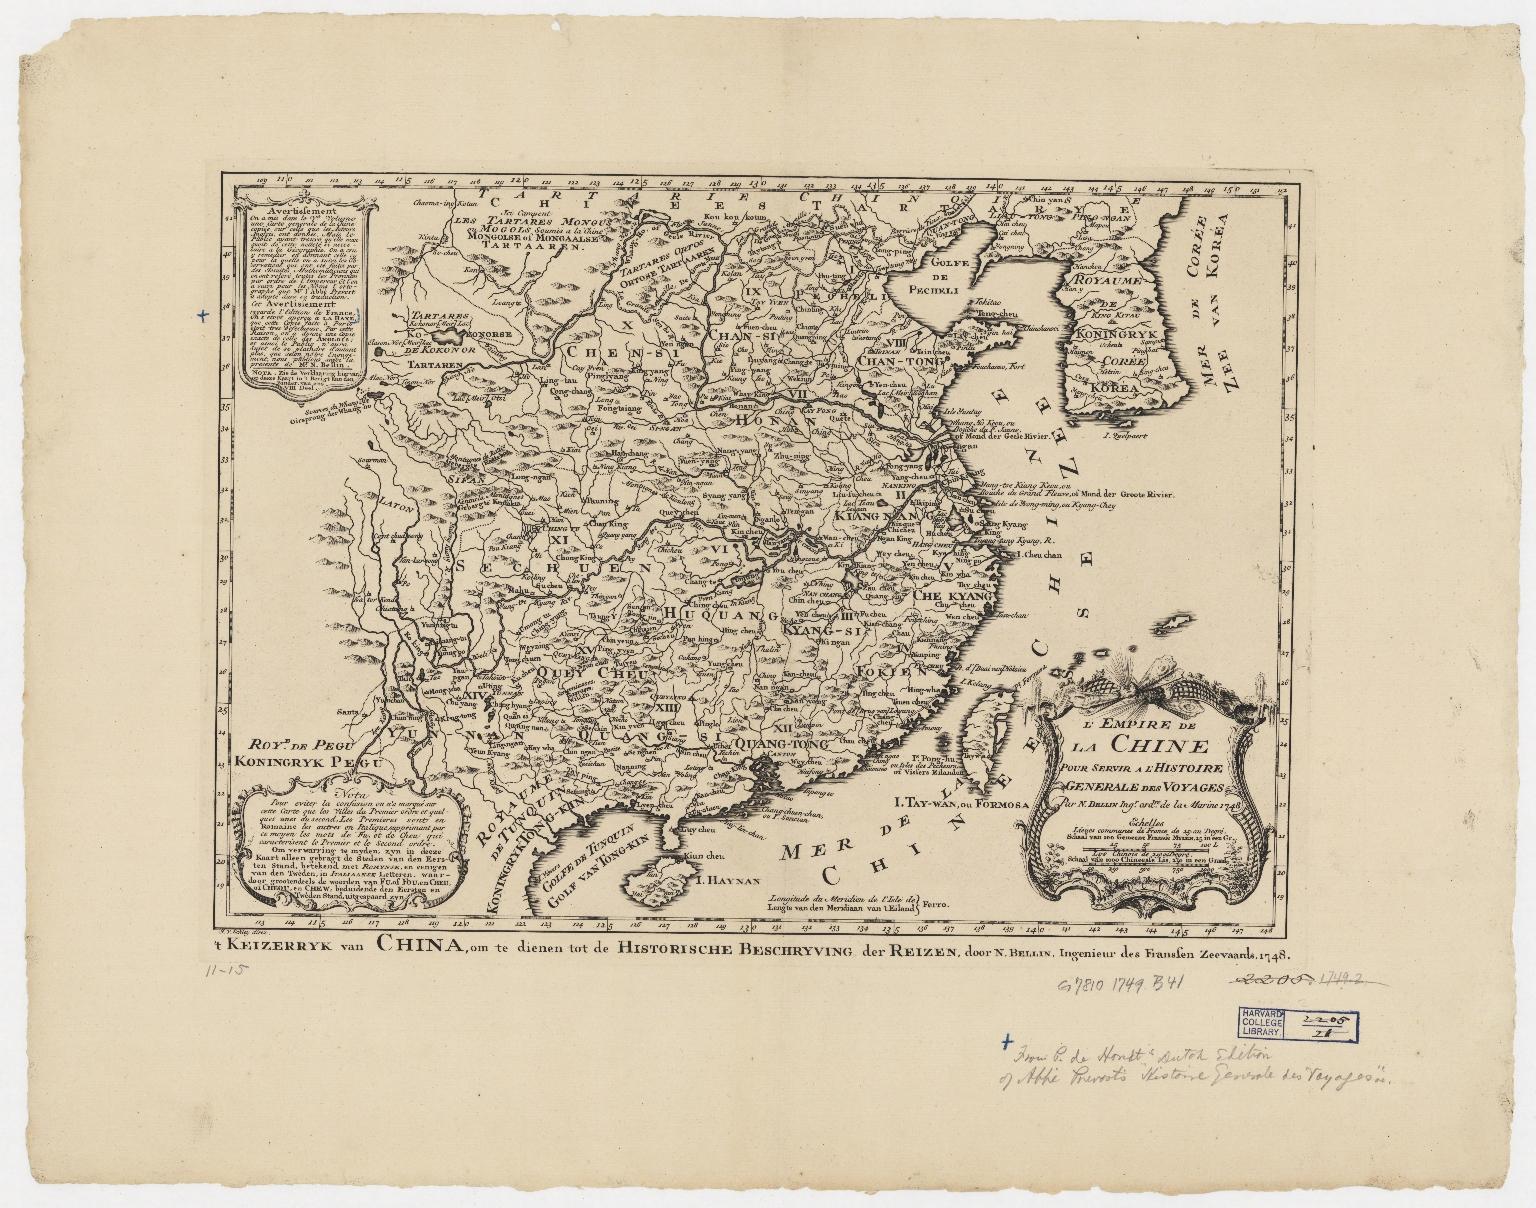 L'empire de la Chine pour servir a l'Histoire generale des voyages = Keizerryk van China, om te dienen tot de Historische Beschryving der Reizen